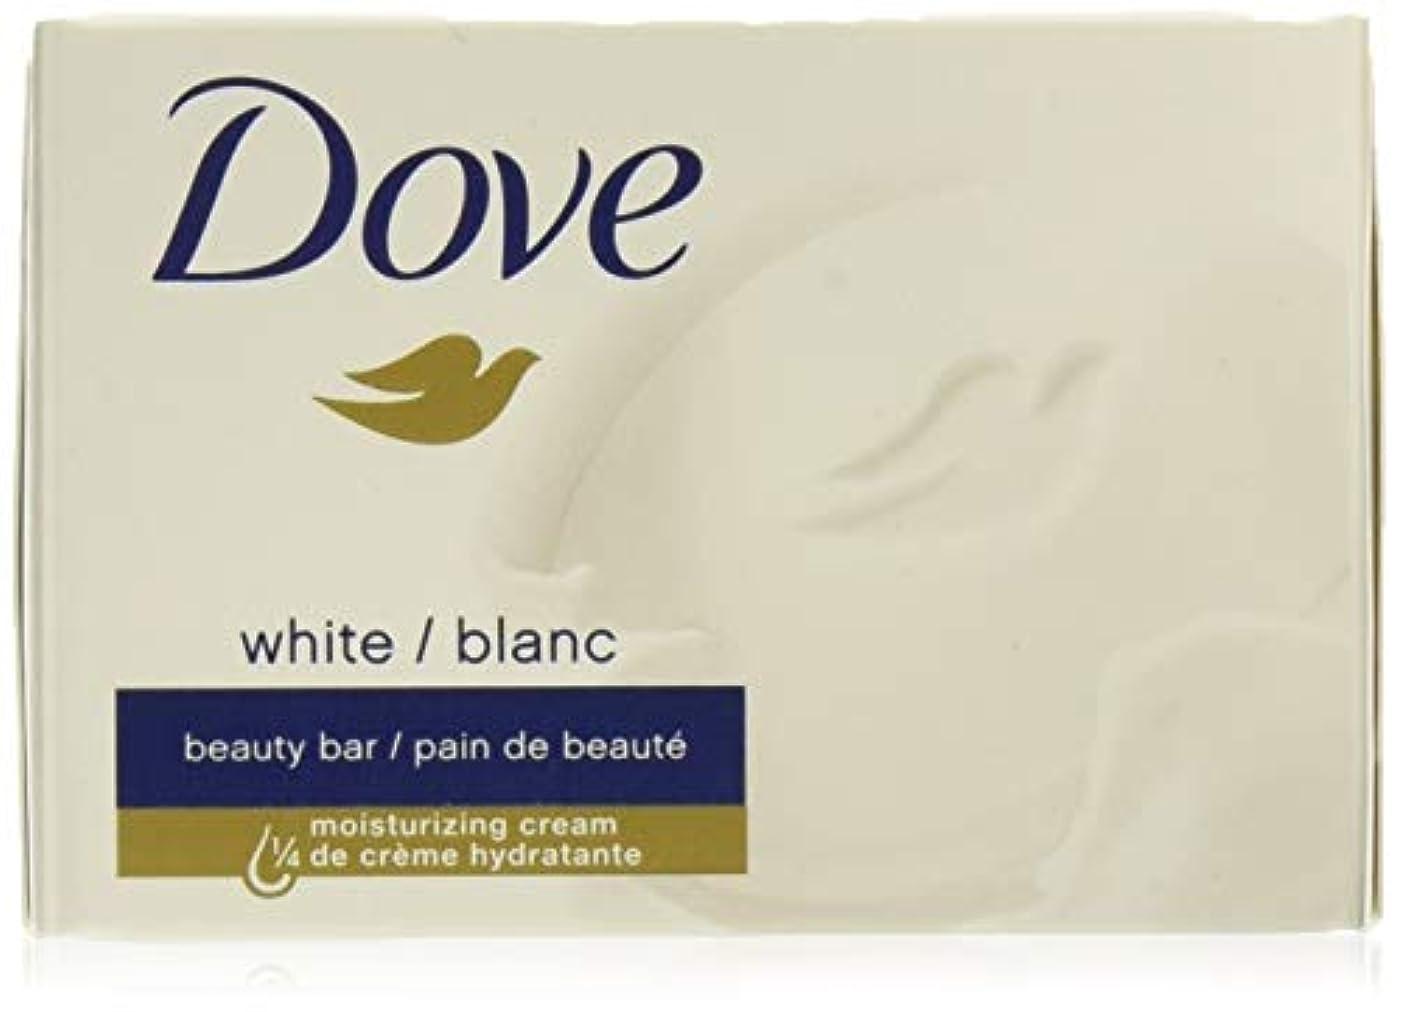 スプレースタンドシットコム【Dove】ダヴ 石鹸(ホワイト)アメリカ製 120g ×2個パック